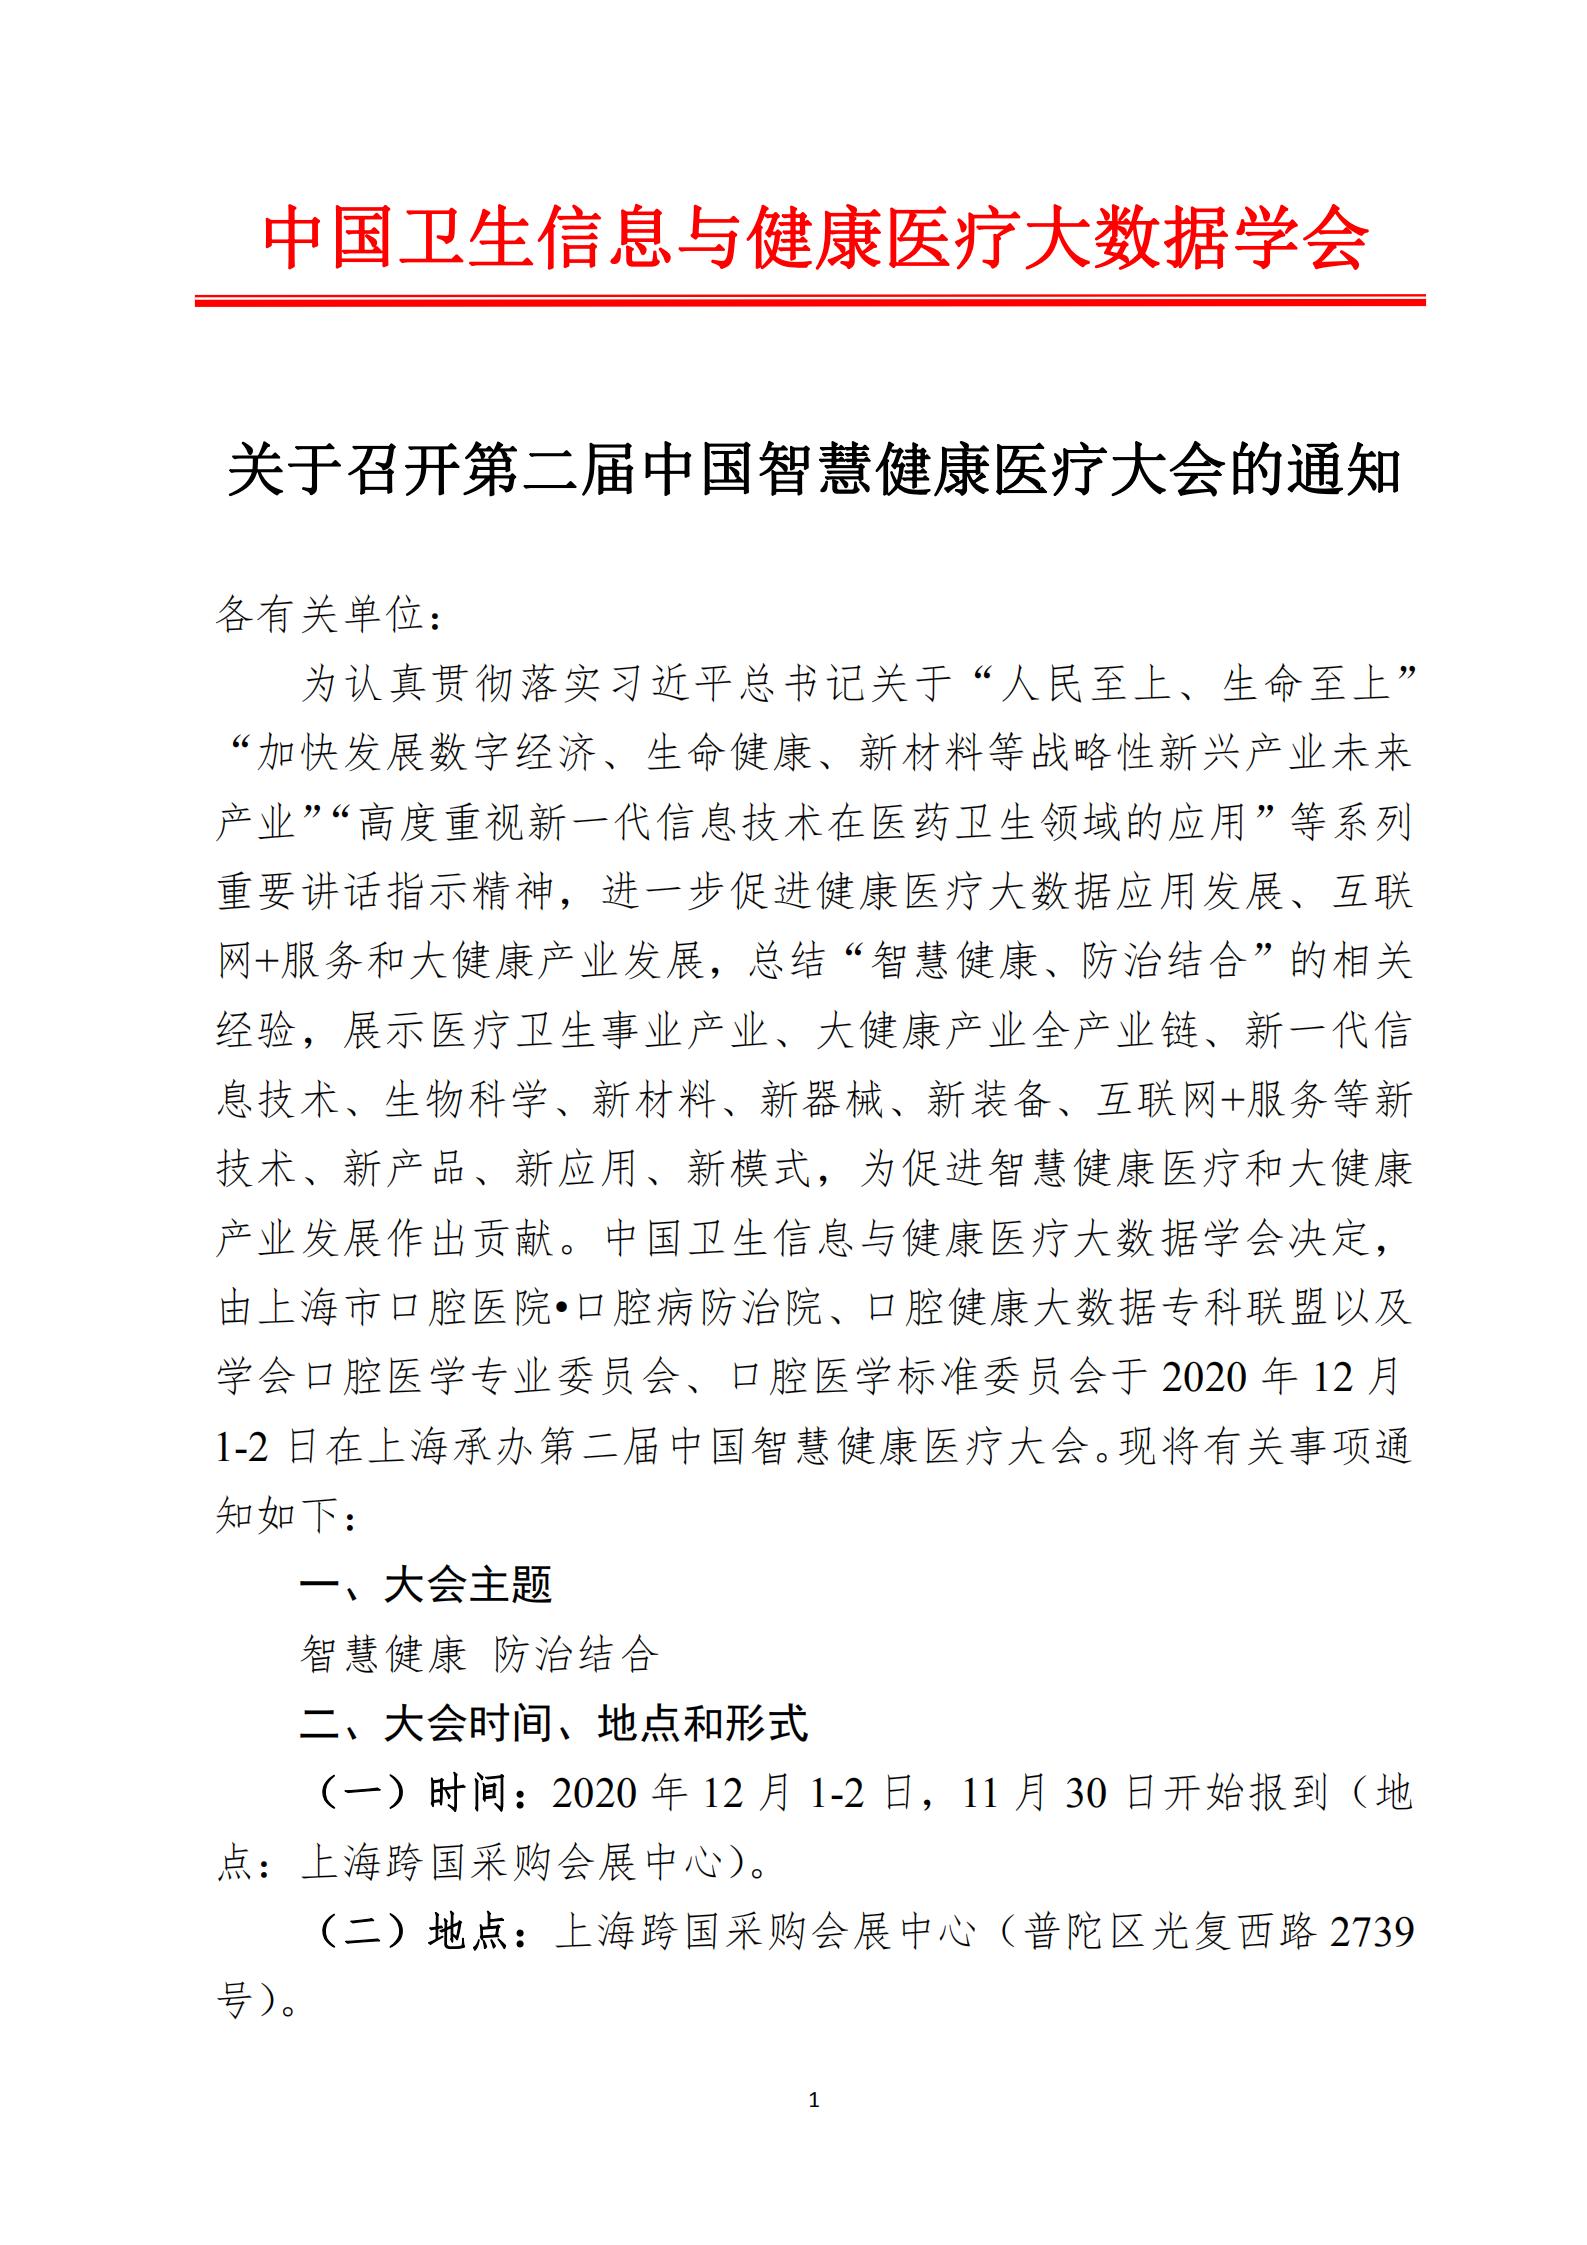 关于召开第二届中国数字健康医疗大会的通知_00.png